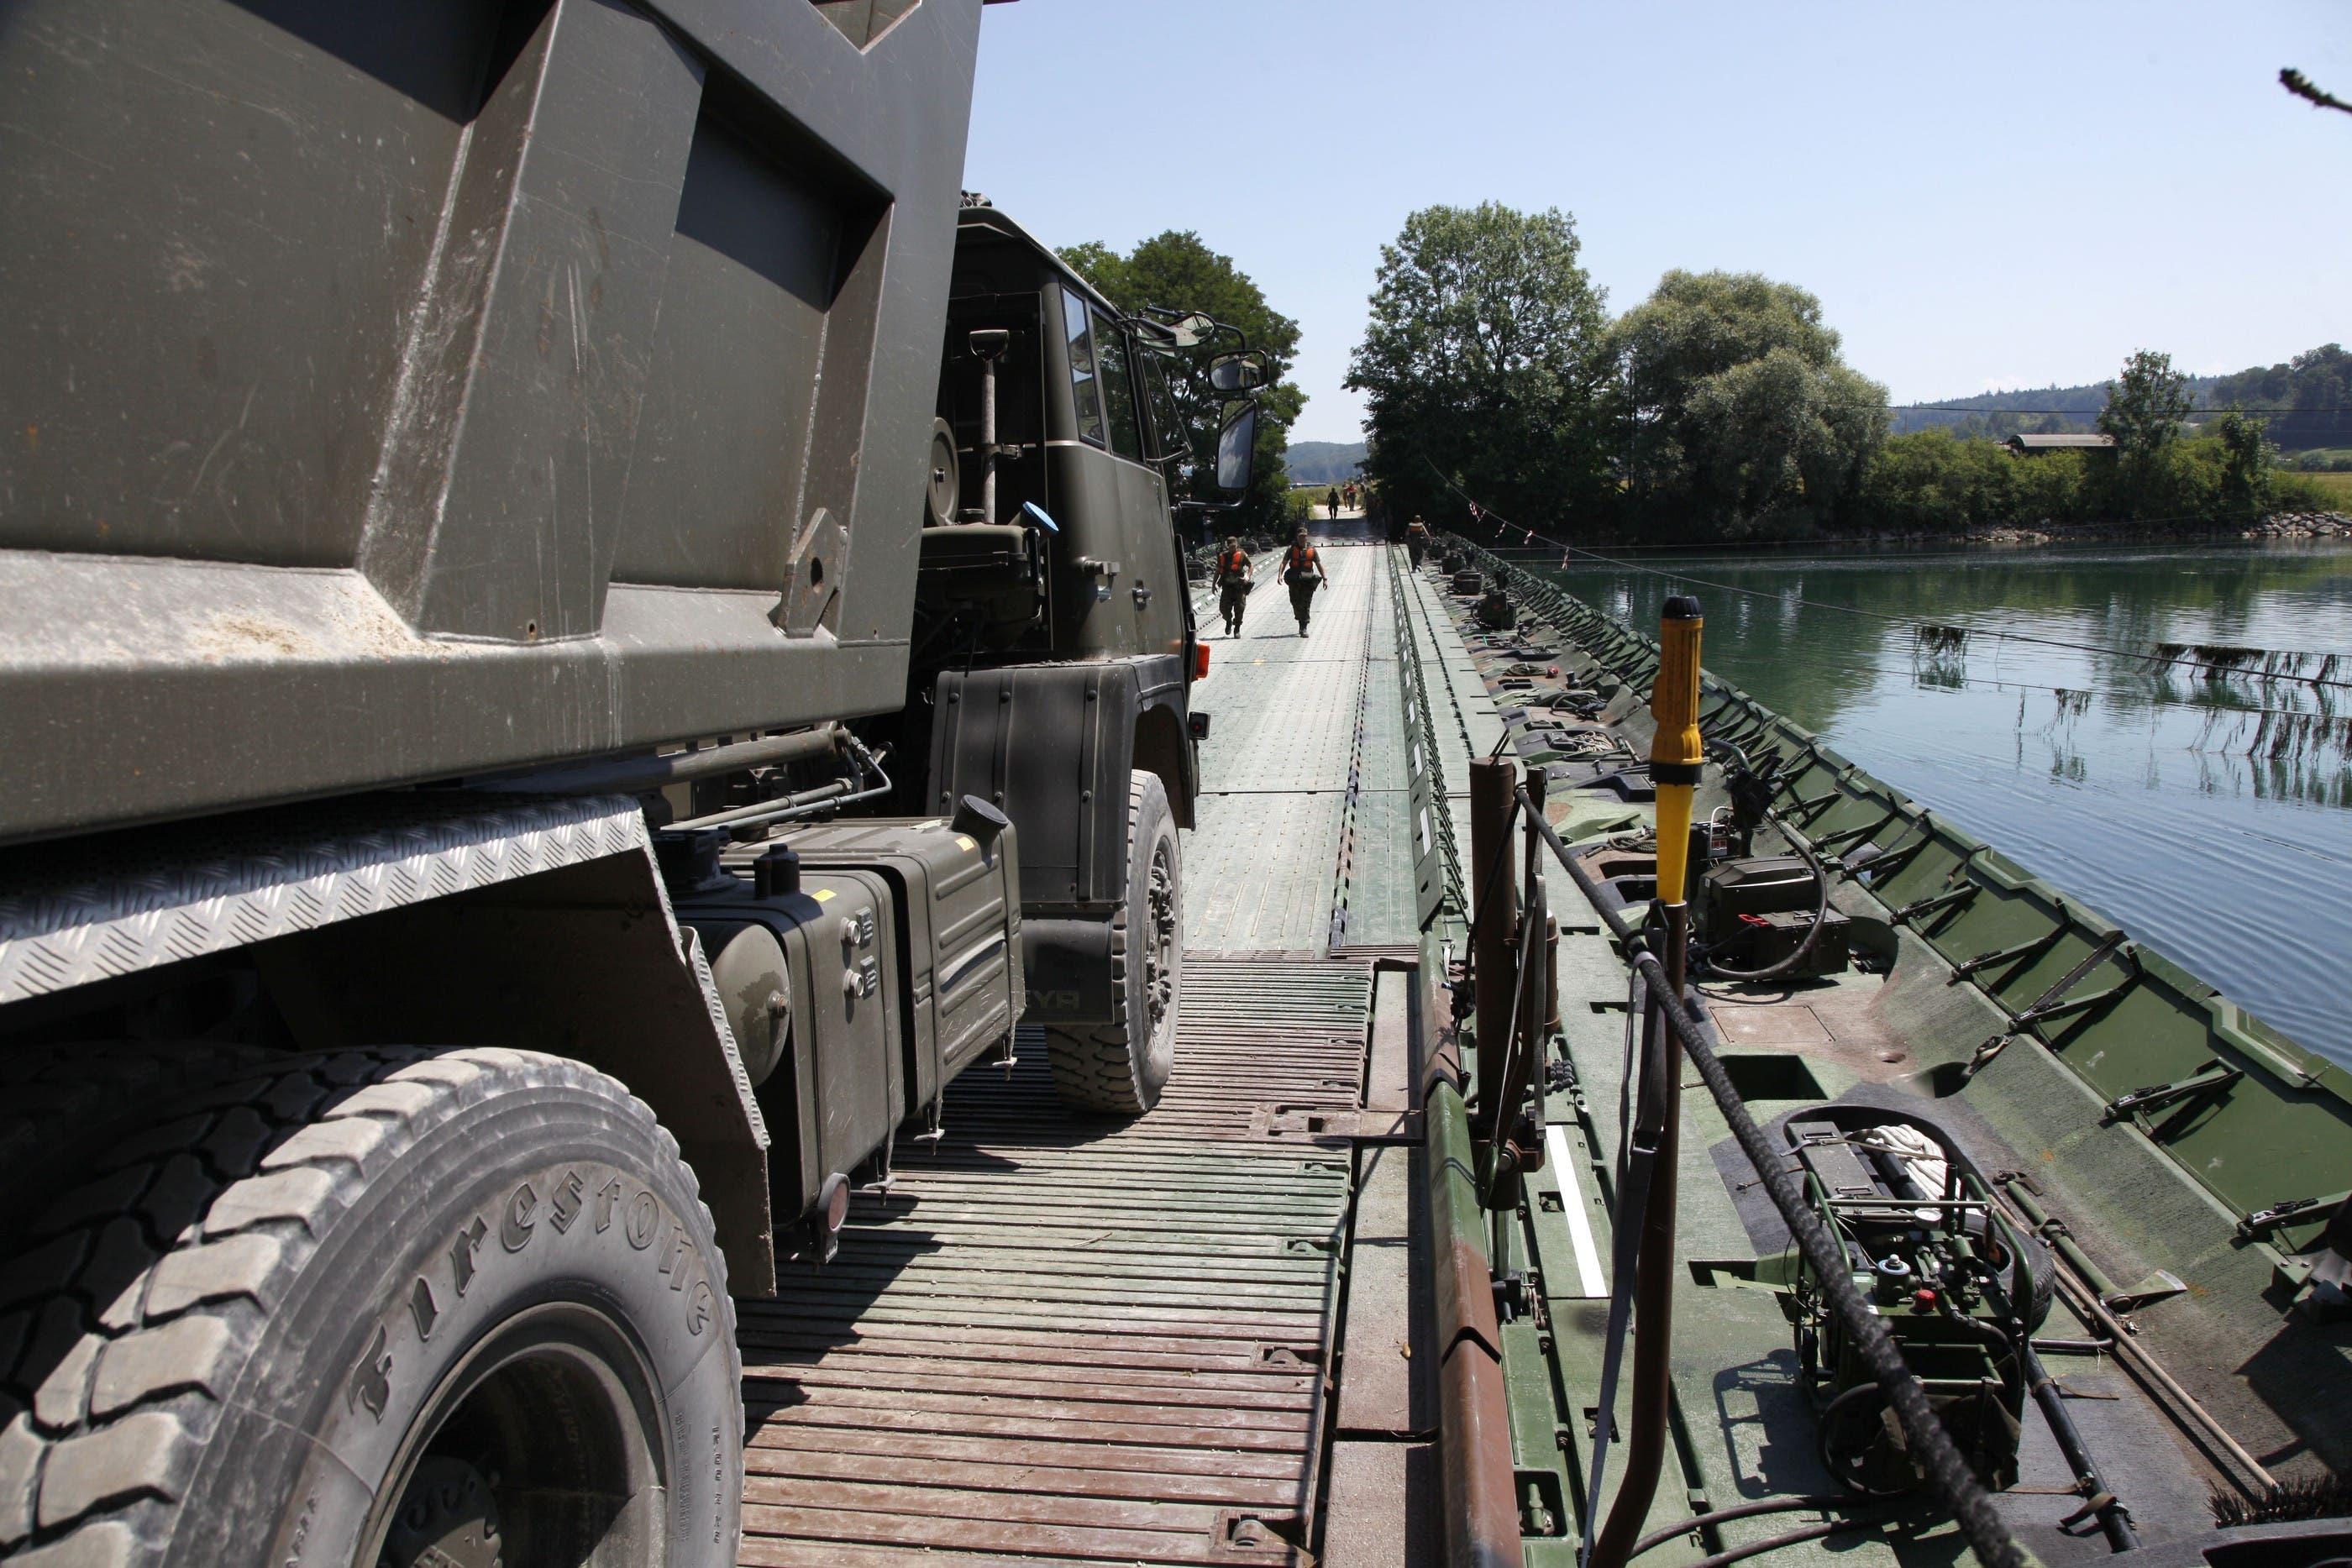 Dank der Brücke konnten auf dem Inseli Infrastrukturarbeiten ausgeführt werden. (Fotos: Hanspeter Bärtschi)